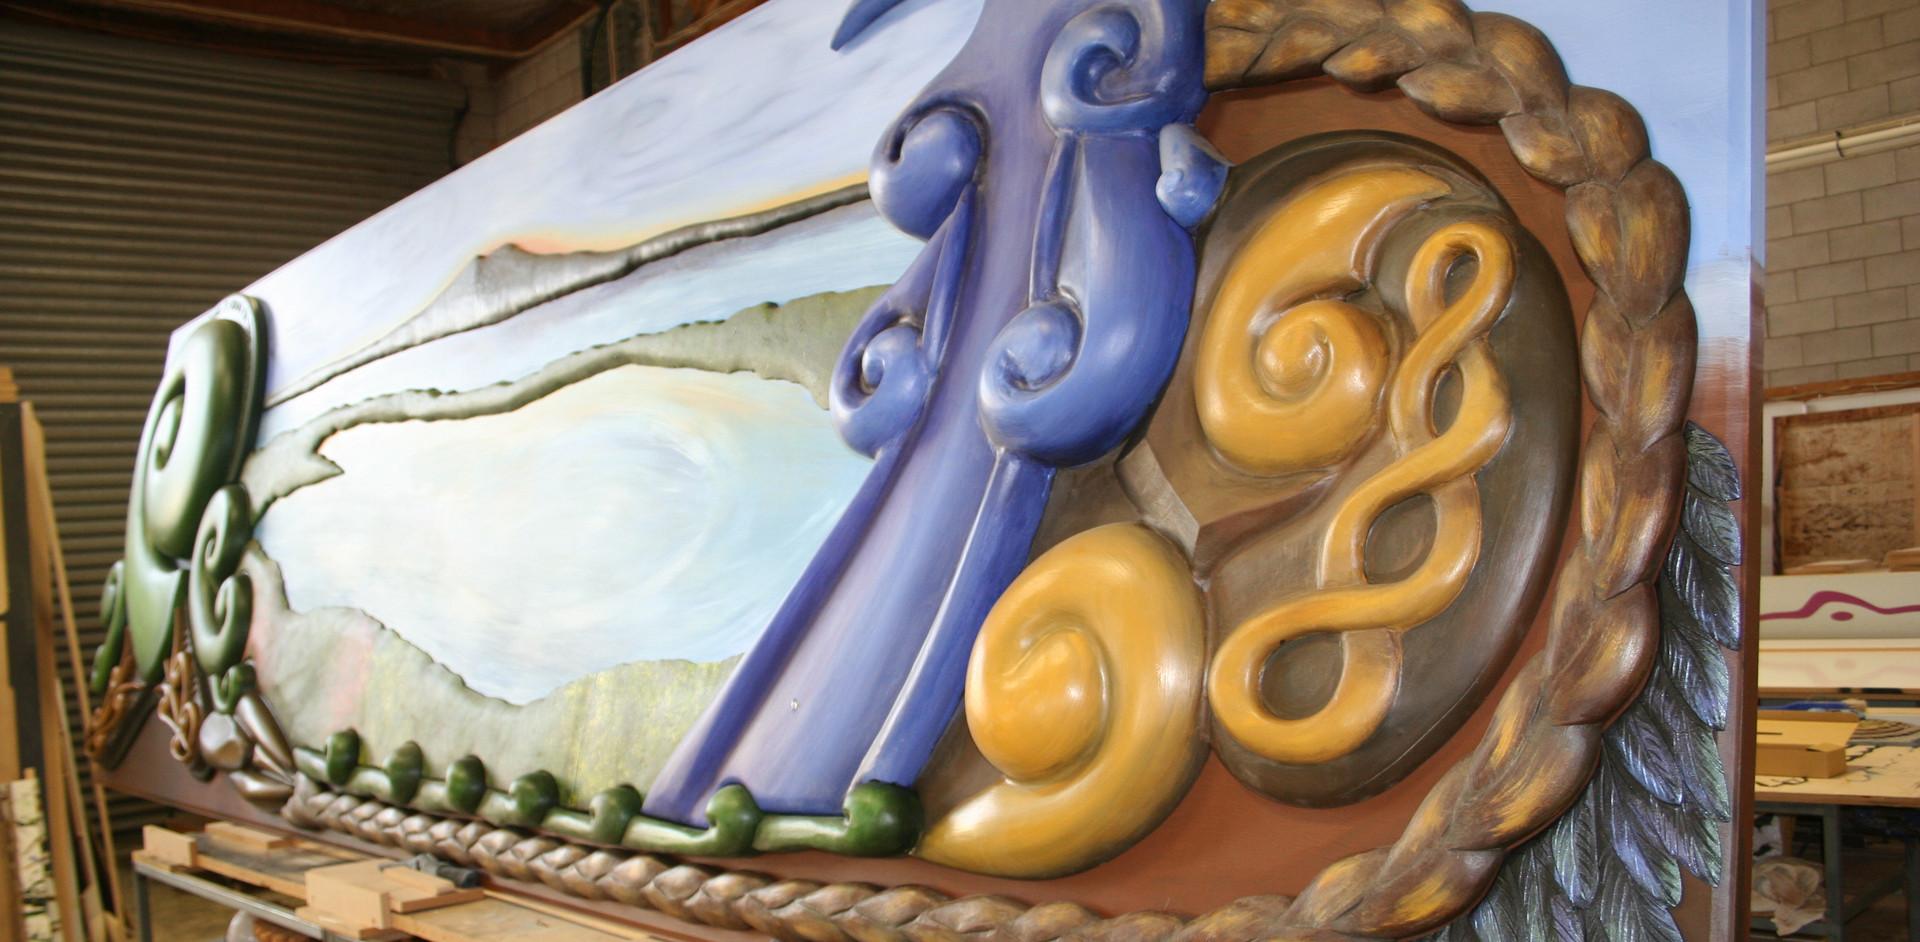 Rangitoto wall sculpure art